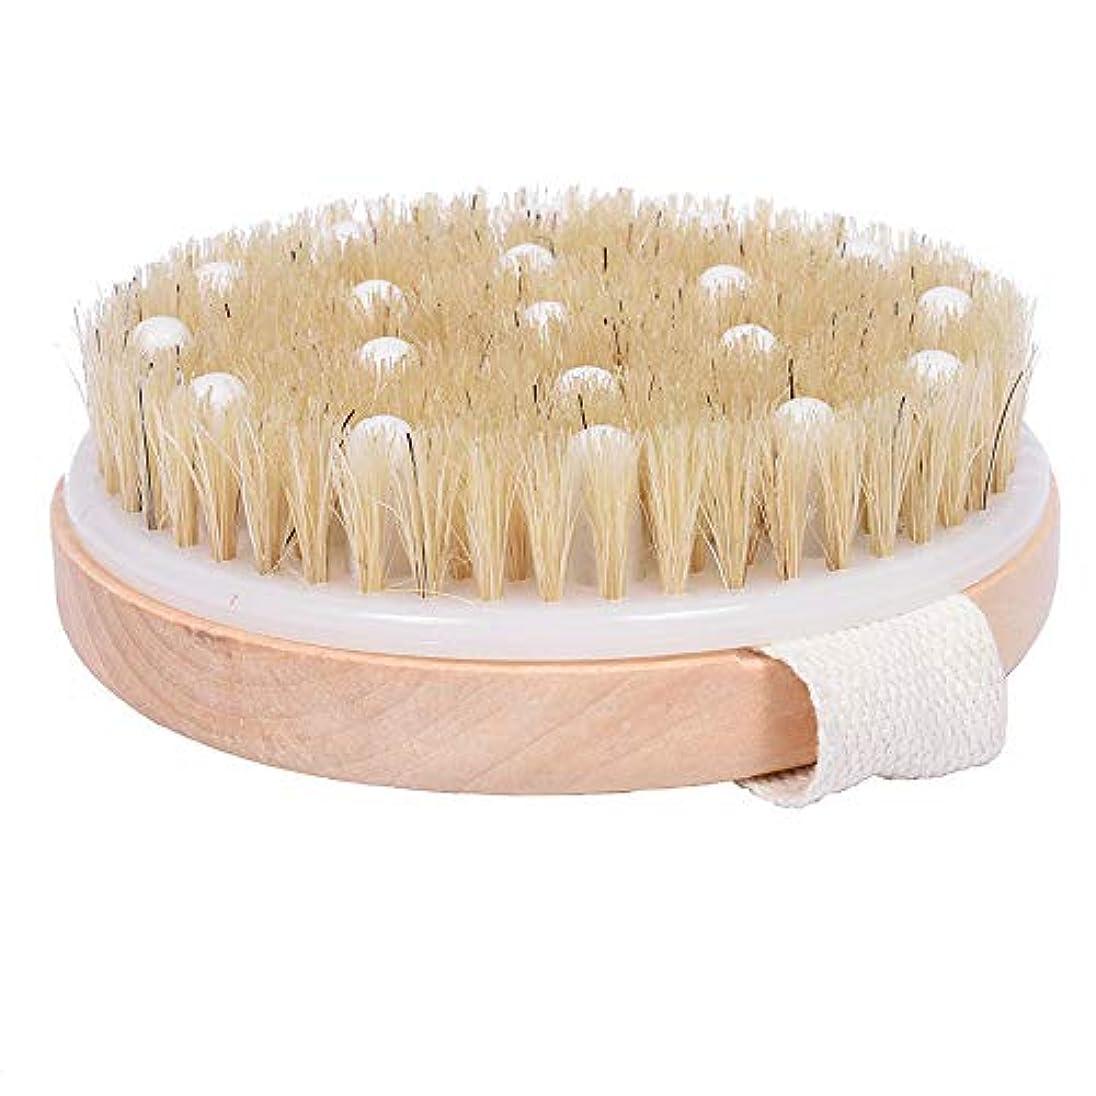 空気慢性的メルボルンRAYNAG ボディブラシ 浴用ブラシ マッサージ 体洗い 豚毛 ソフトビーズ 木 洗いやすい バスルーム 浴室 入浴 お風呂グッズ